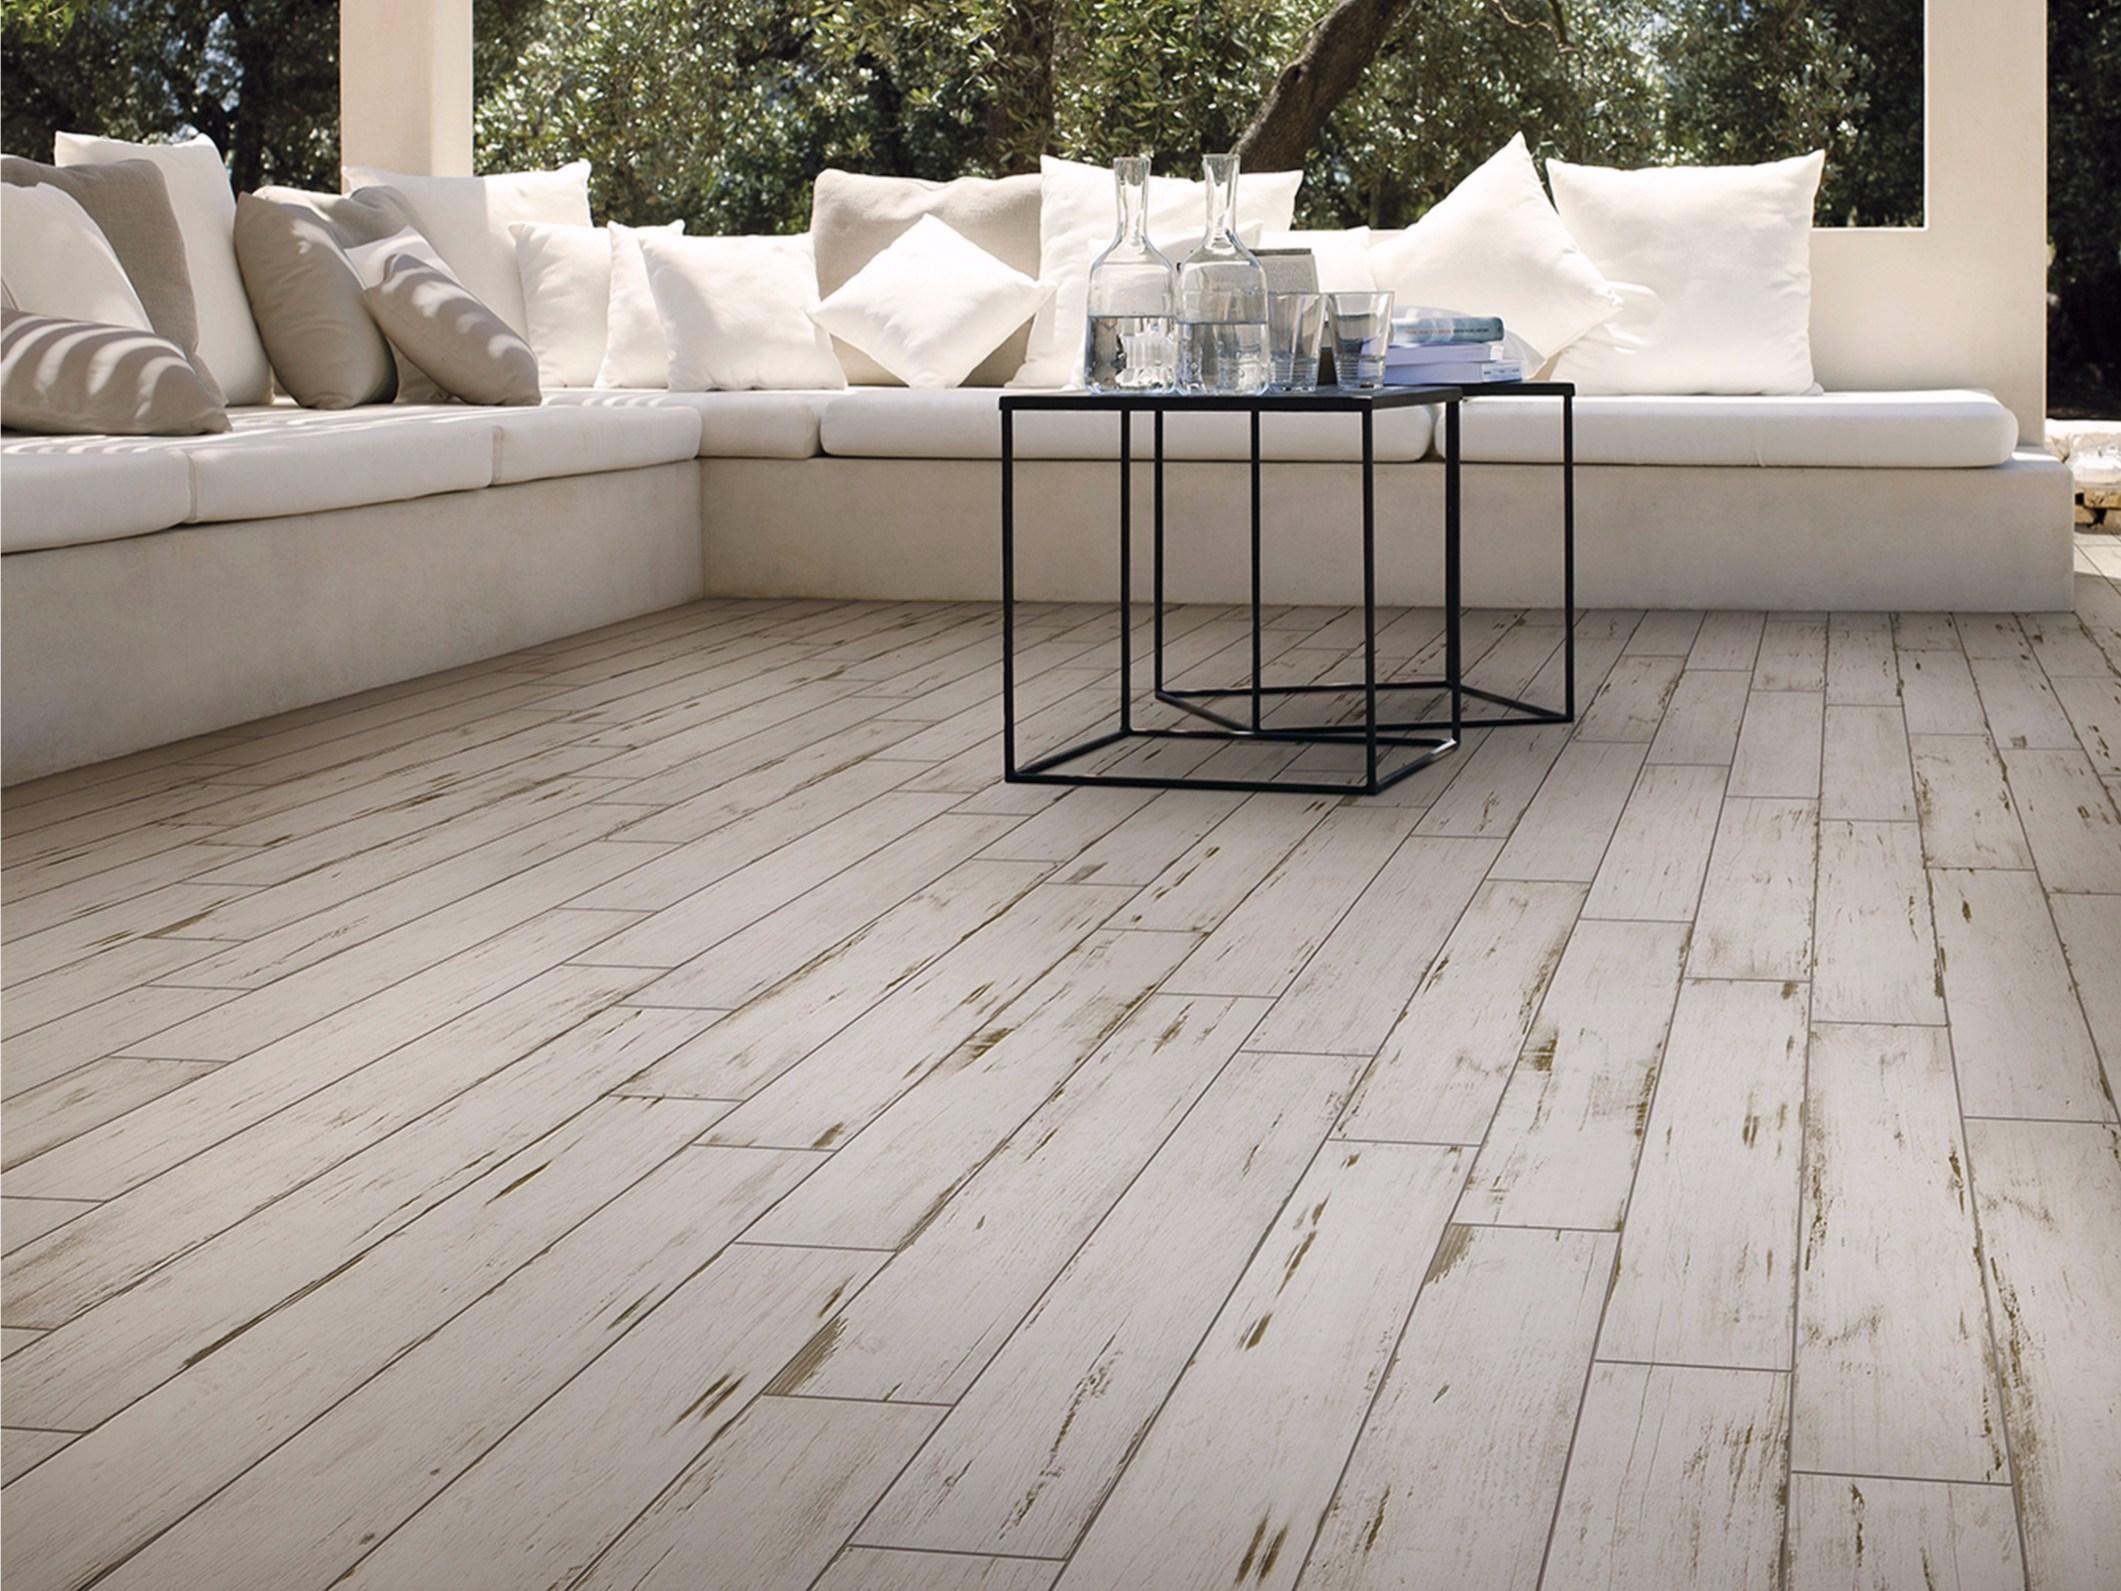 Gres porcellanato effetto legno for Pavimento ceramica effetto parquet